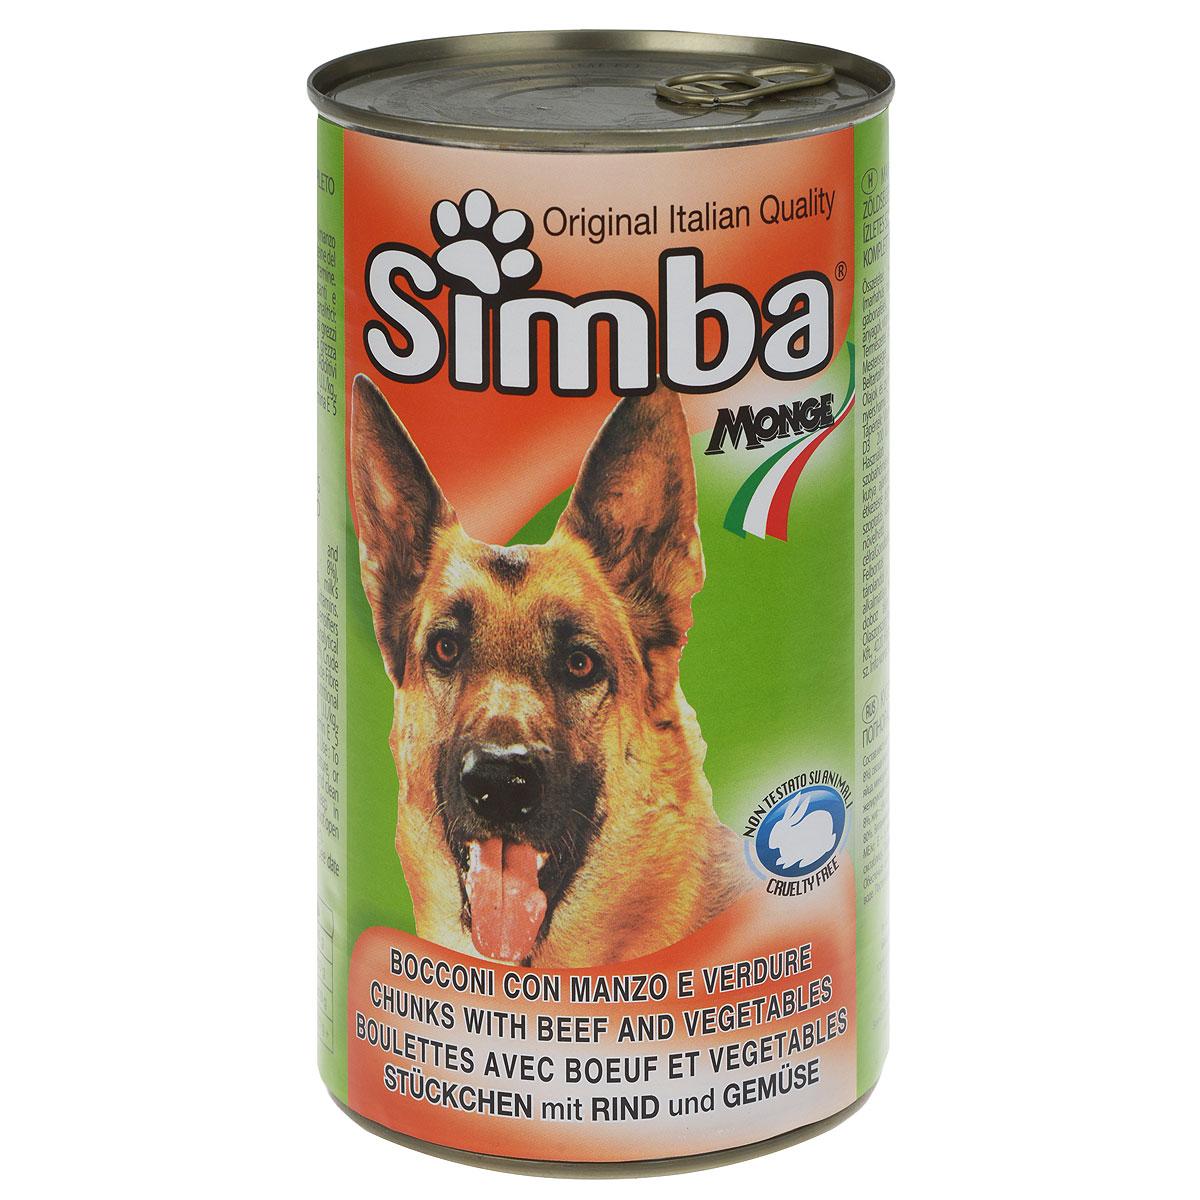 Консервы для собак Monge Simba, кусочки с говядиной и овощами, 1230 г70009188Консервы для собак Monge Simba - это полноценный сбалансированный корм для собак. Кусочки с говядиной и овощами в соусе. Состав: мясо и мясные субпродукты (говядина не менее 8%), овощи (не менее 4,2%), злаки, молочный протеин, яйца, минеральные вещества, витамины, загустители и желирующие вещества. Анализ компонентов: протеин 8%, жир 6%, клетчатка 1,21%, зола 3%, влажность 80%. Витамины и добавки на 1 кг: витамин А 2000 МЕ, витамин D3 200 МЕ, витамин Е 5 мг. Товар сертифицирован.